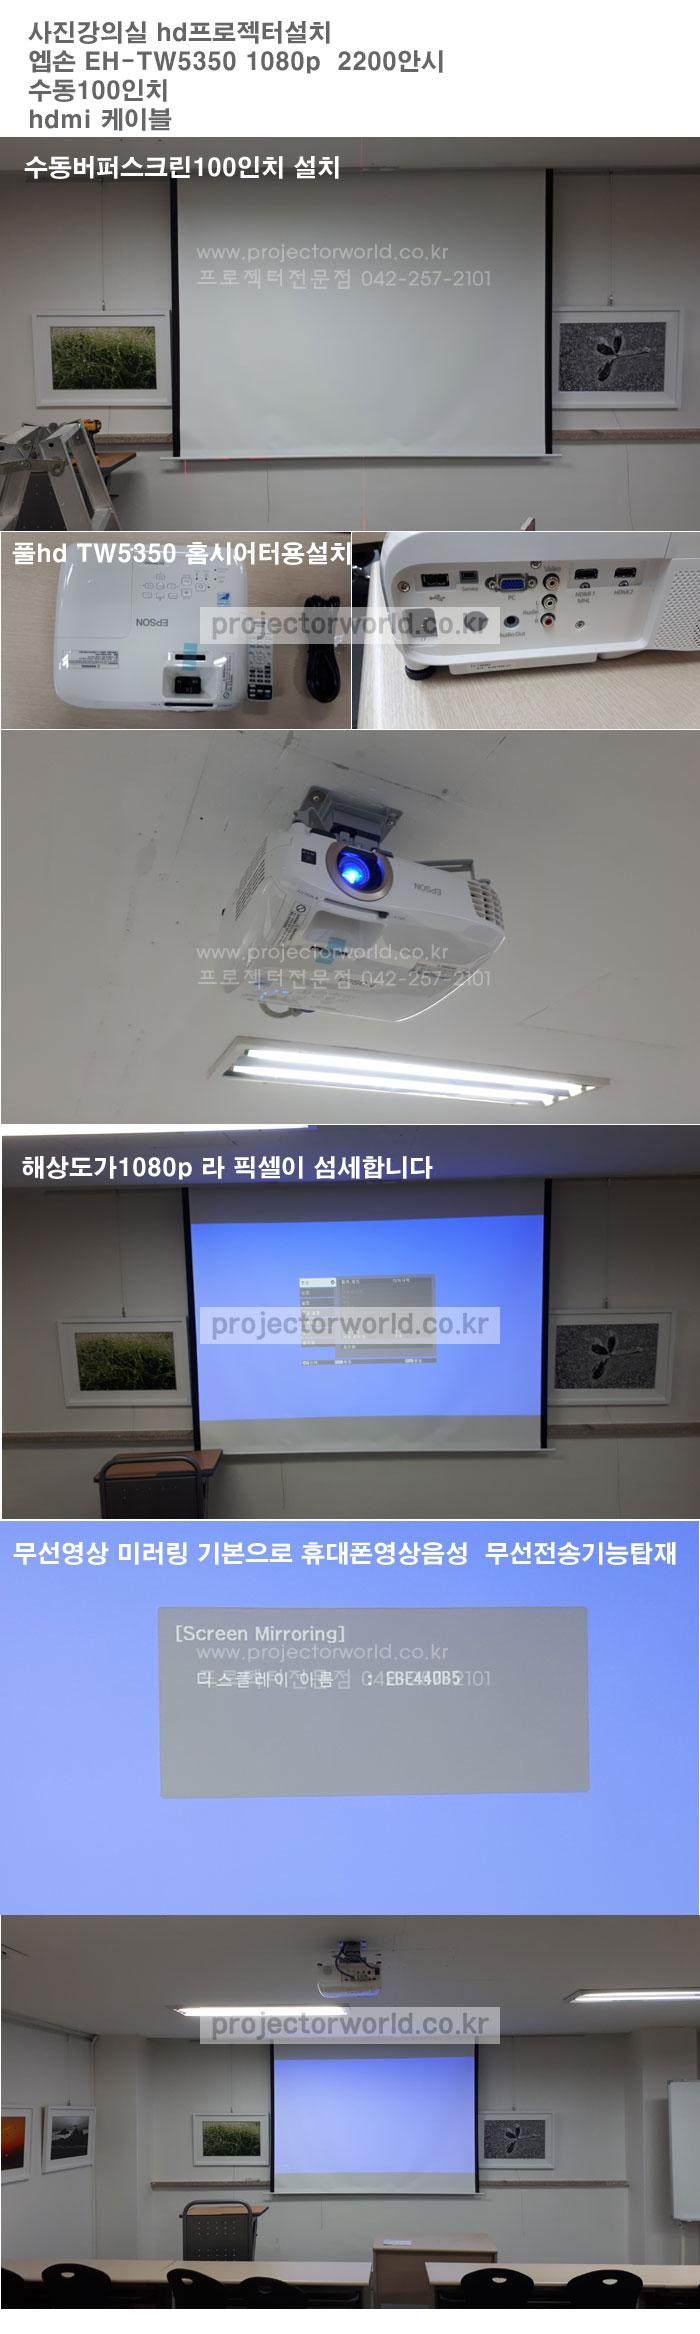 EH-TW5350,TW5650,대전빔설치,프로젝터전문점,